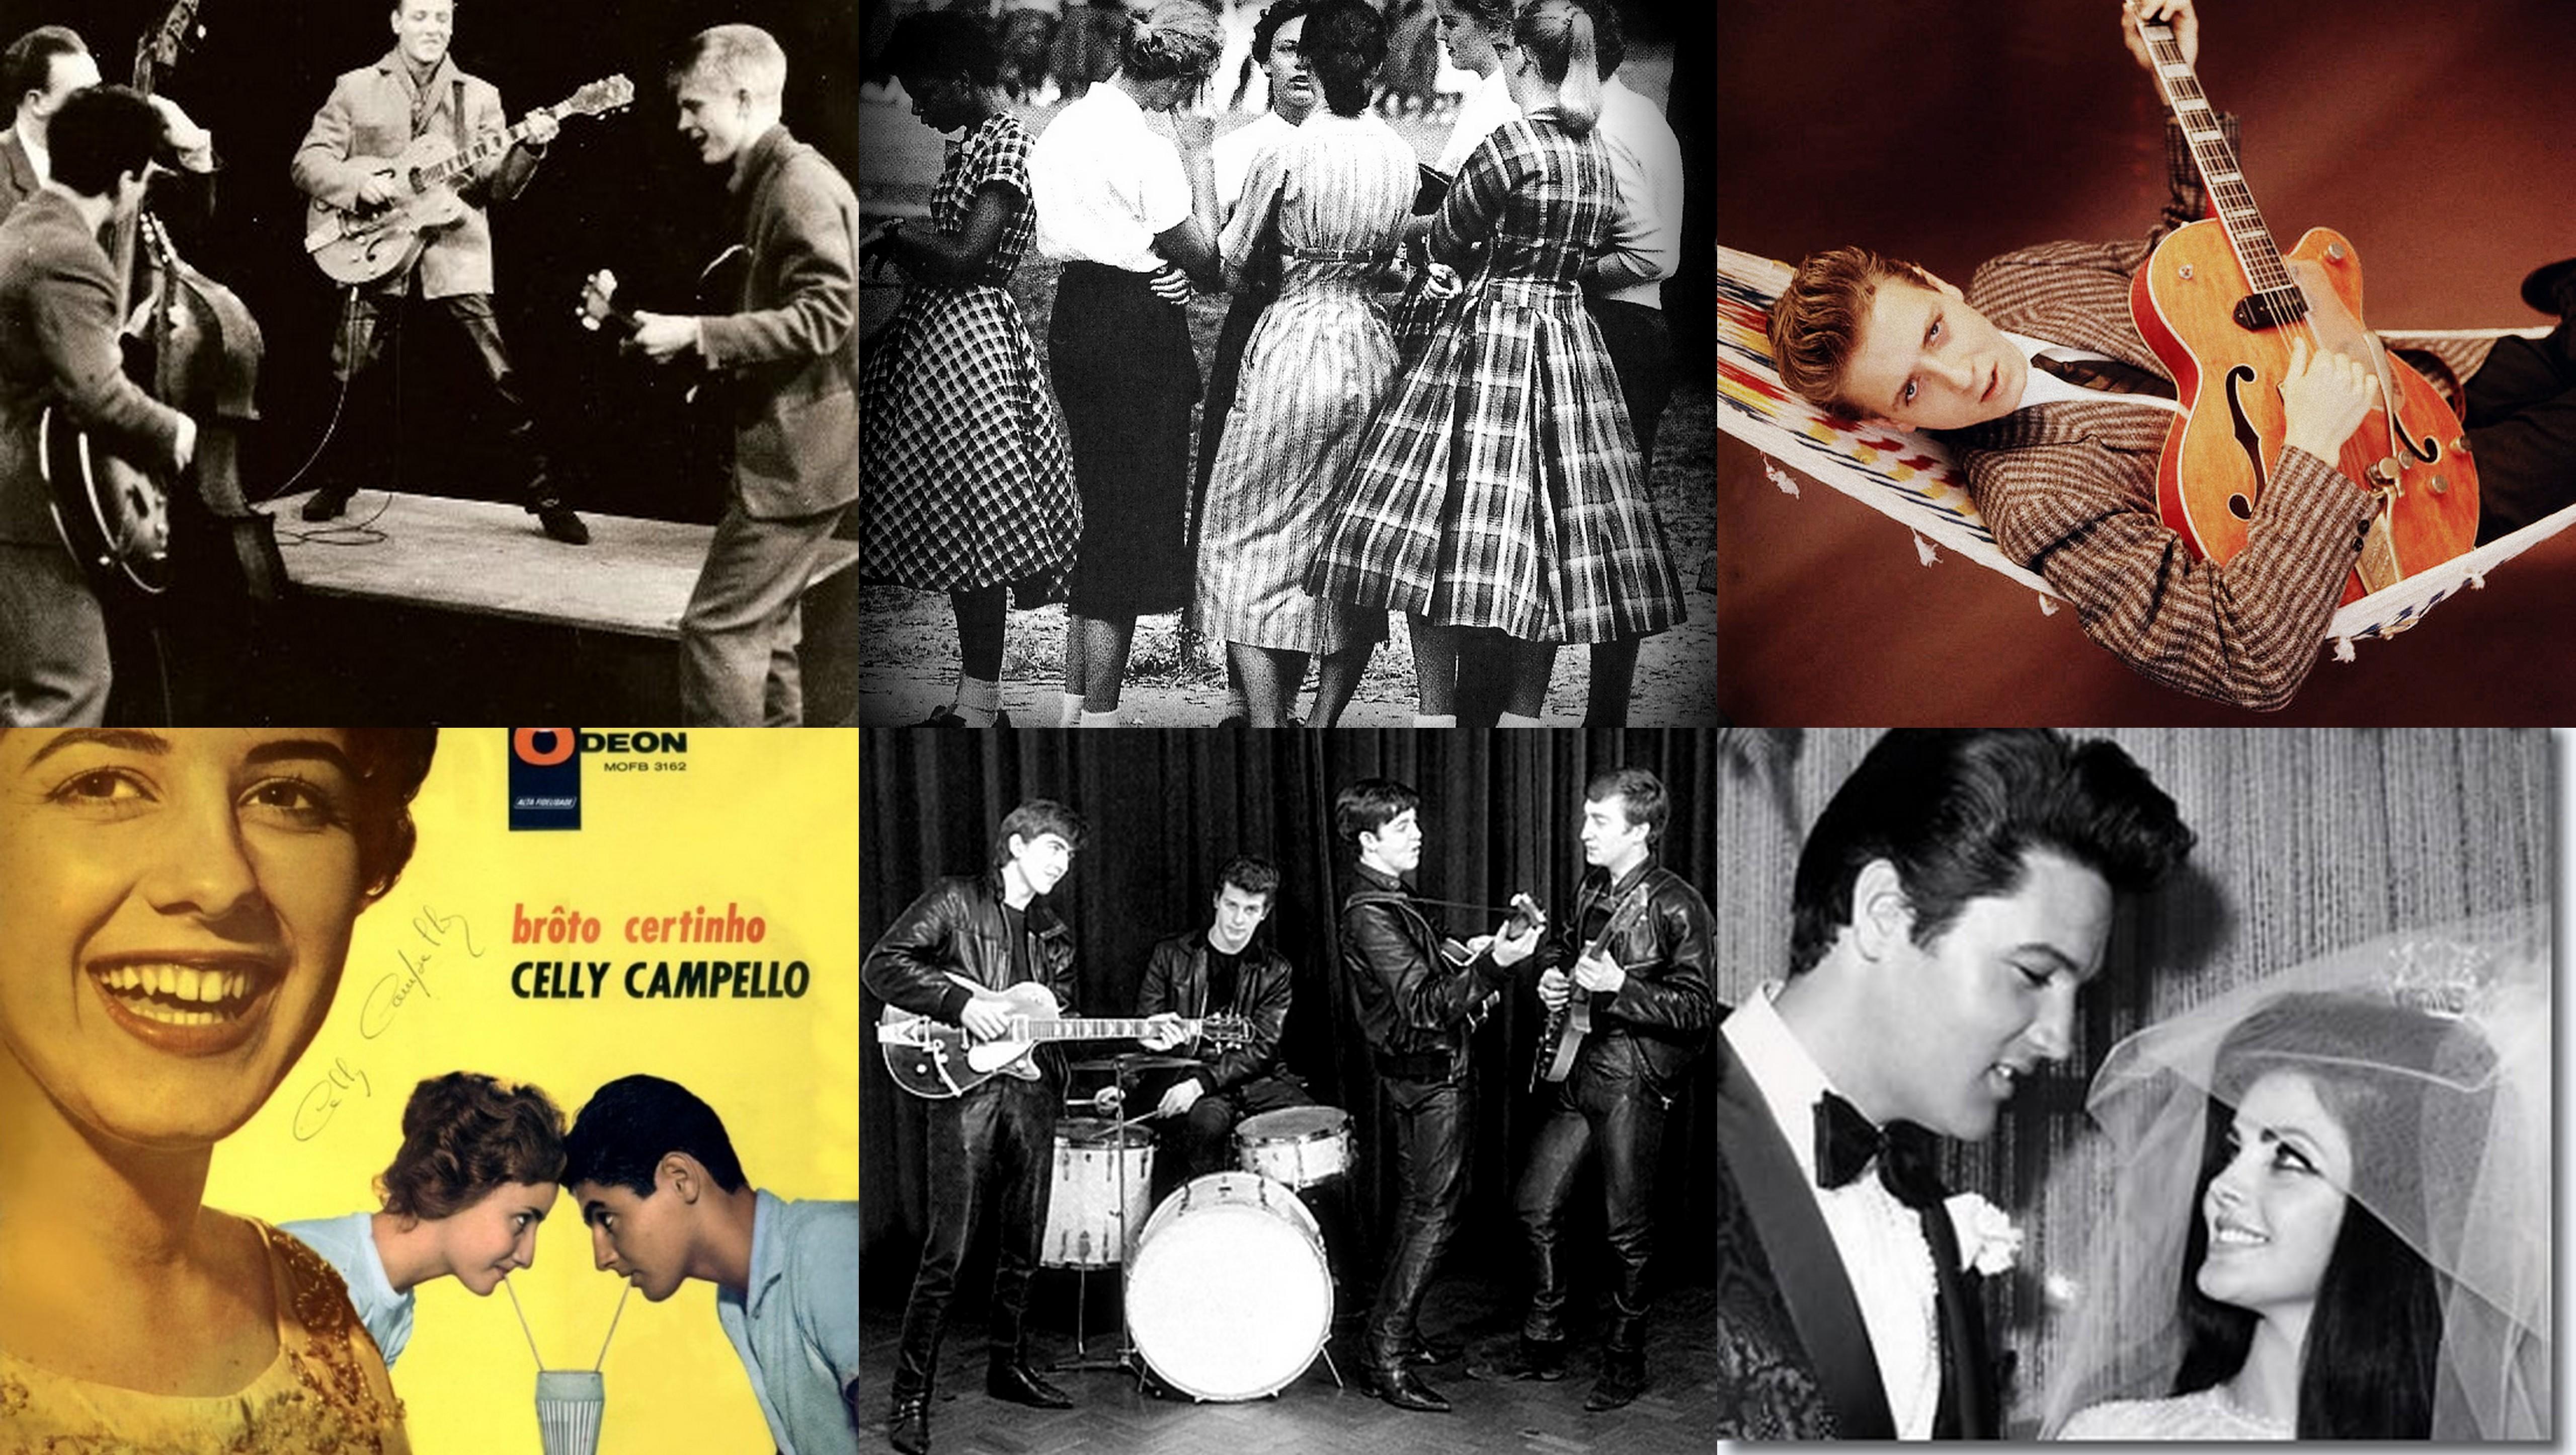 Anos 50 voc sabe o que usar em festas com temas de - Musica anos 50 americana ...